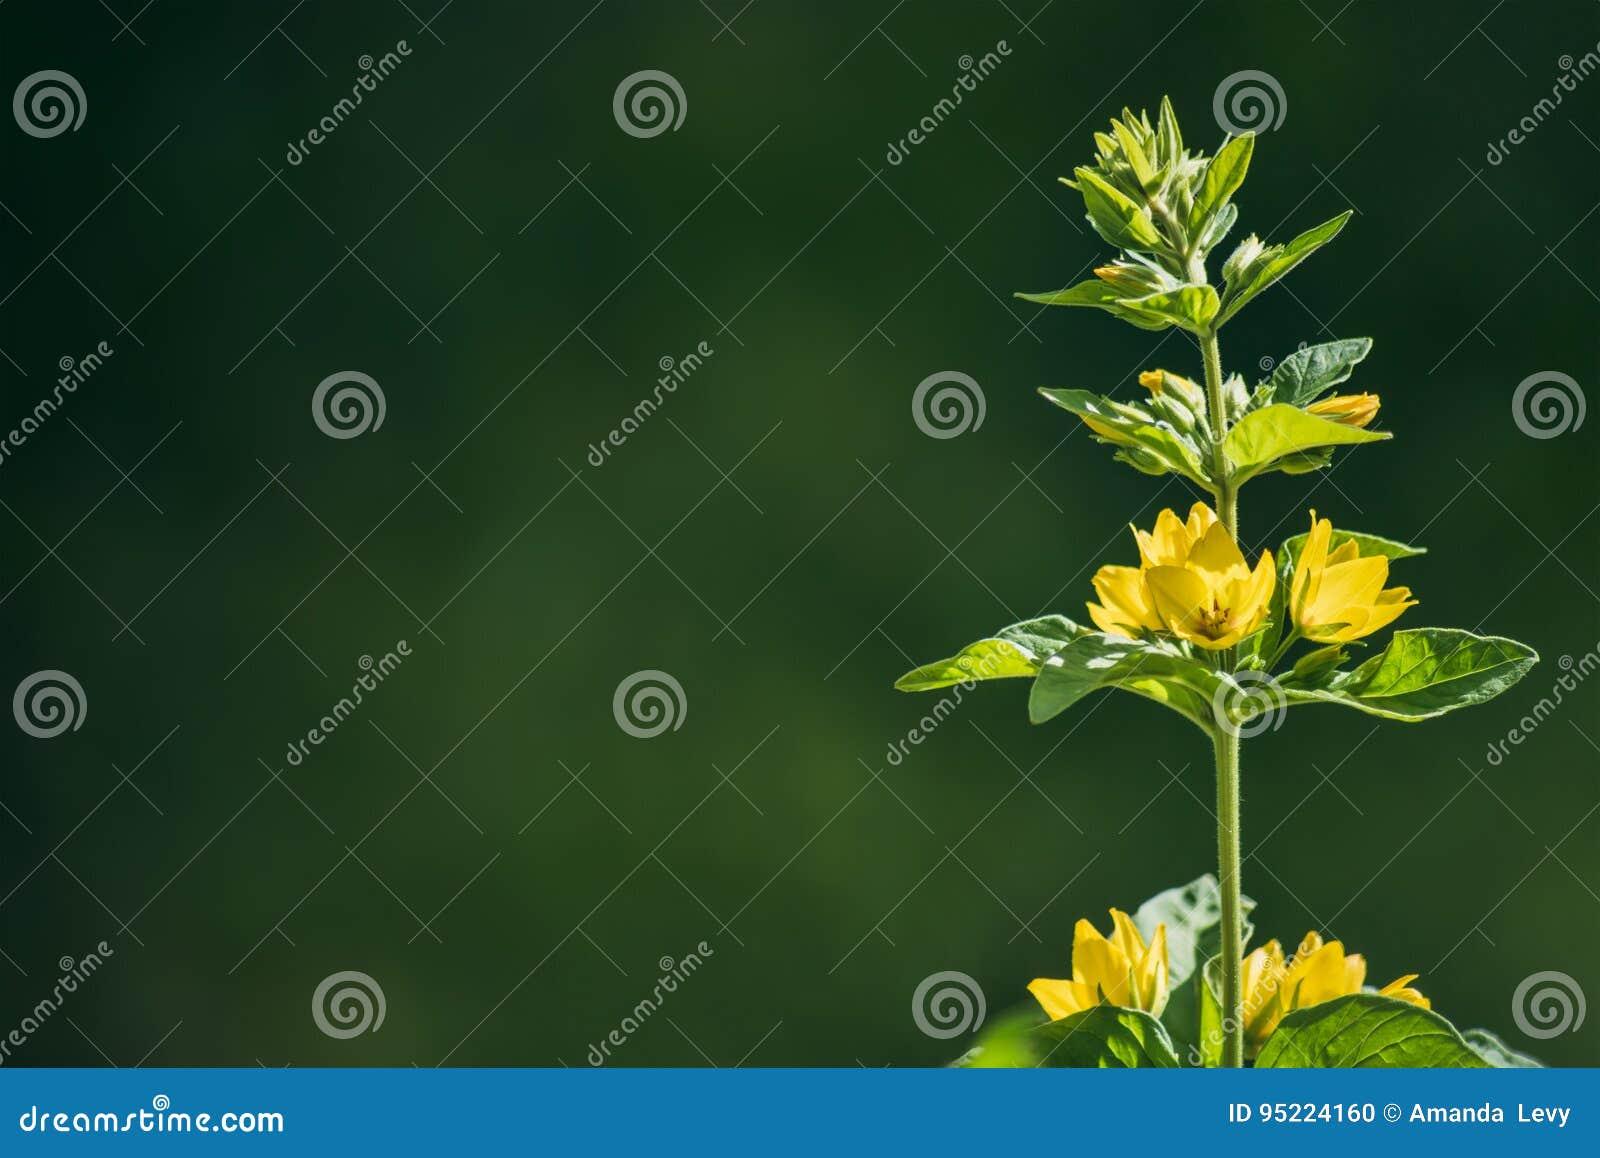 Flores amarelas brilhantes em uma obscuridade - fundo verde